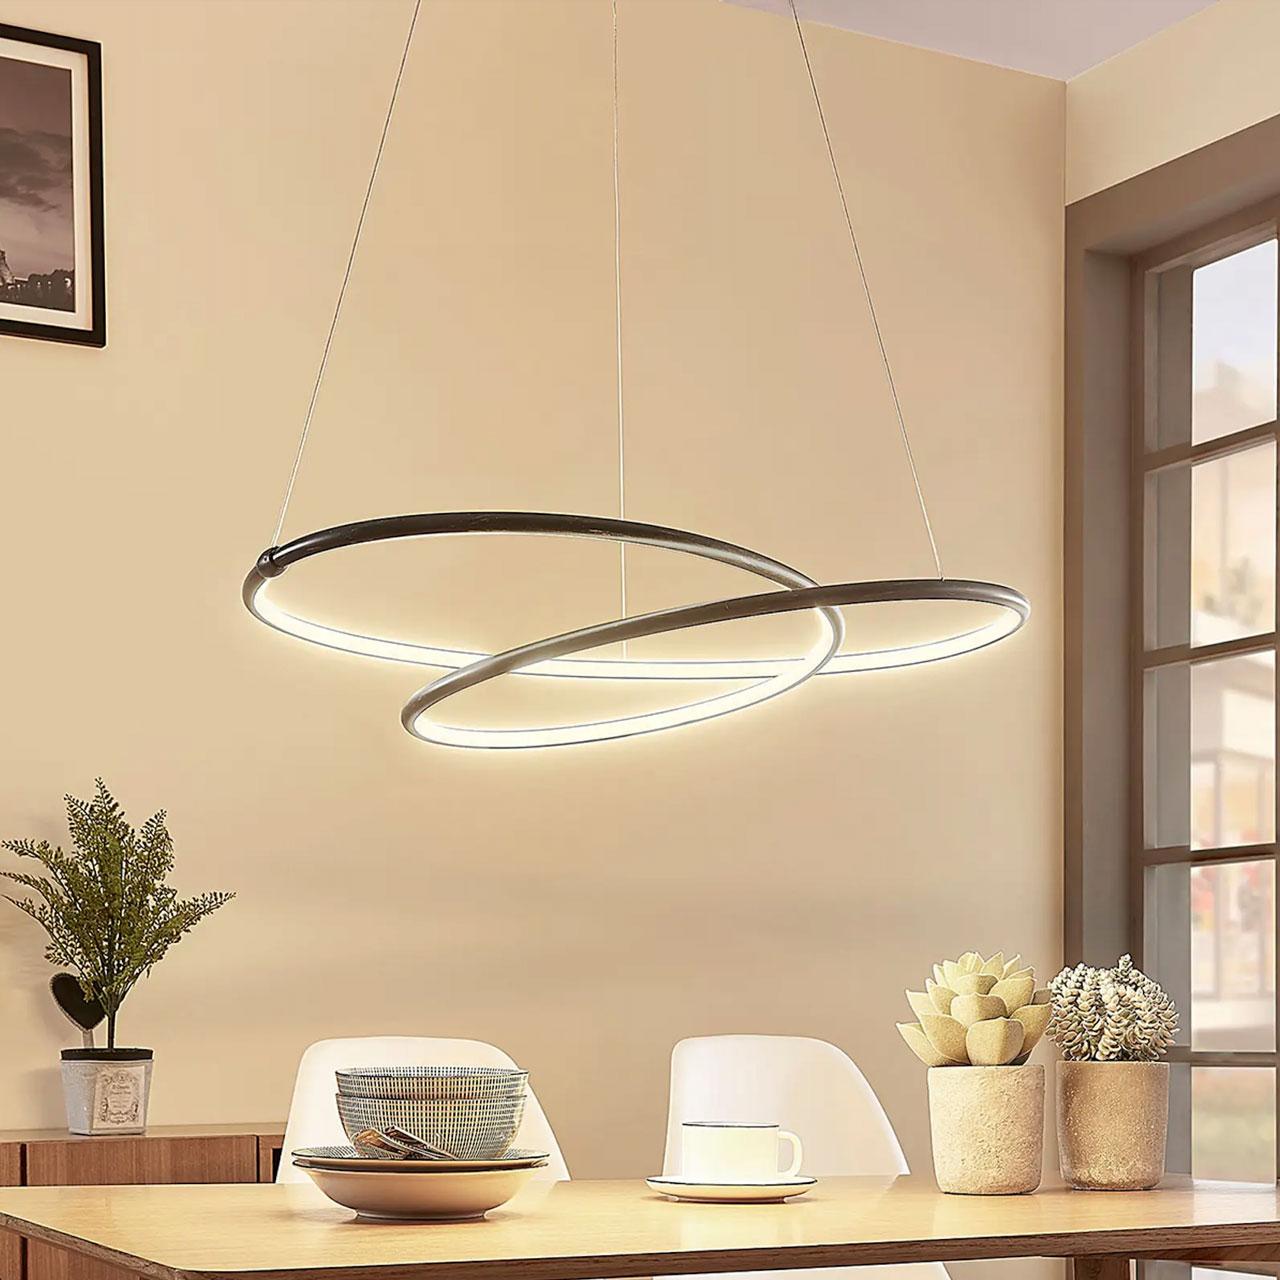 moderna-lampada-a-sospensione-led-mirasu-nera